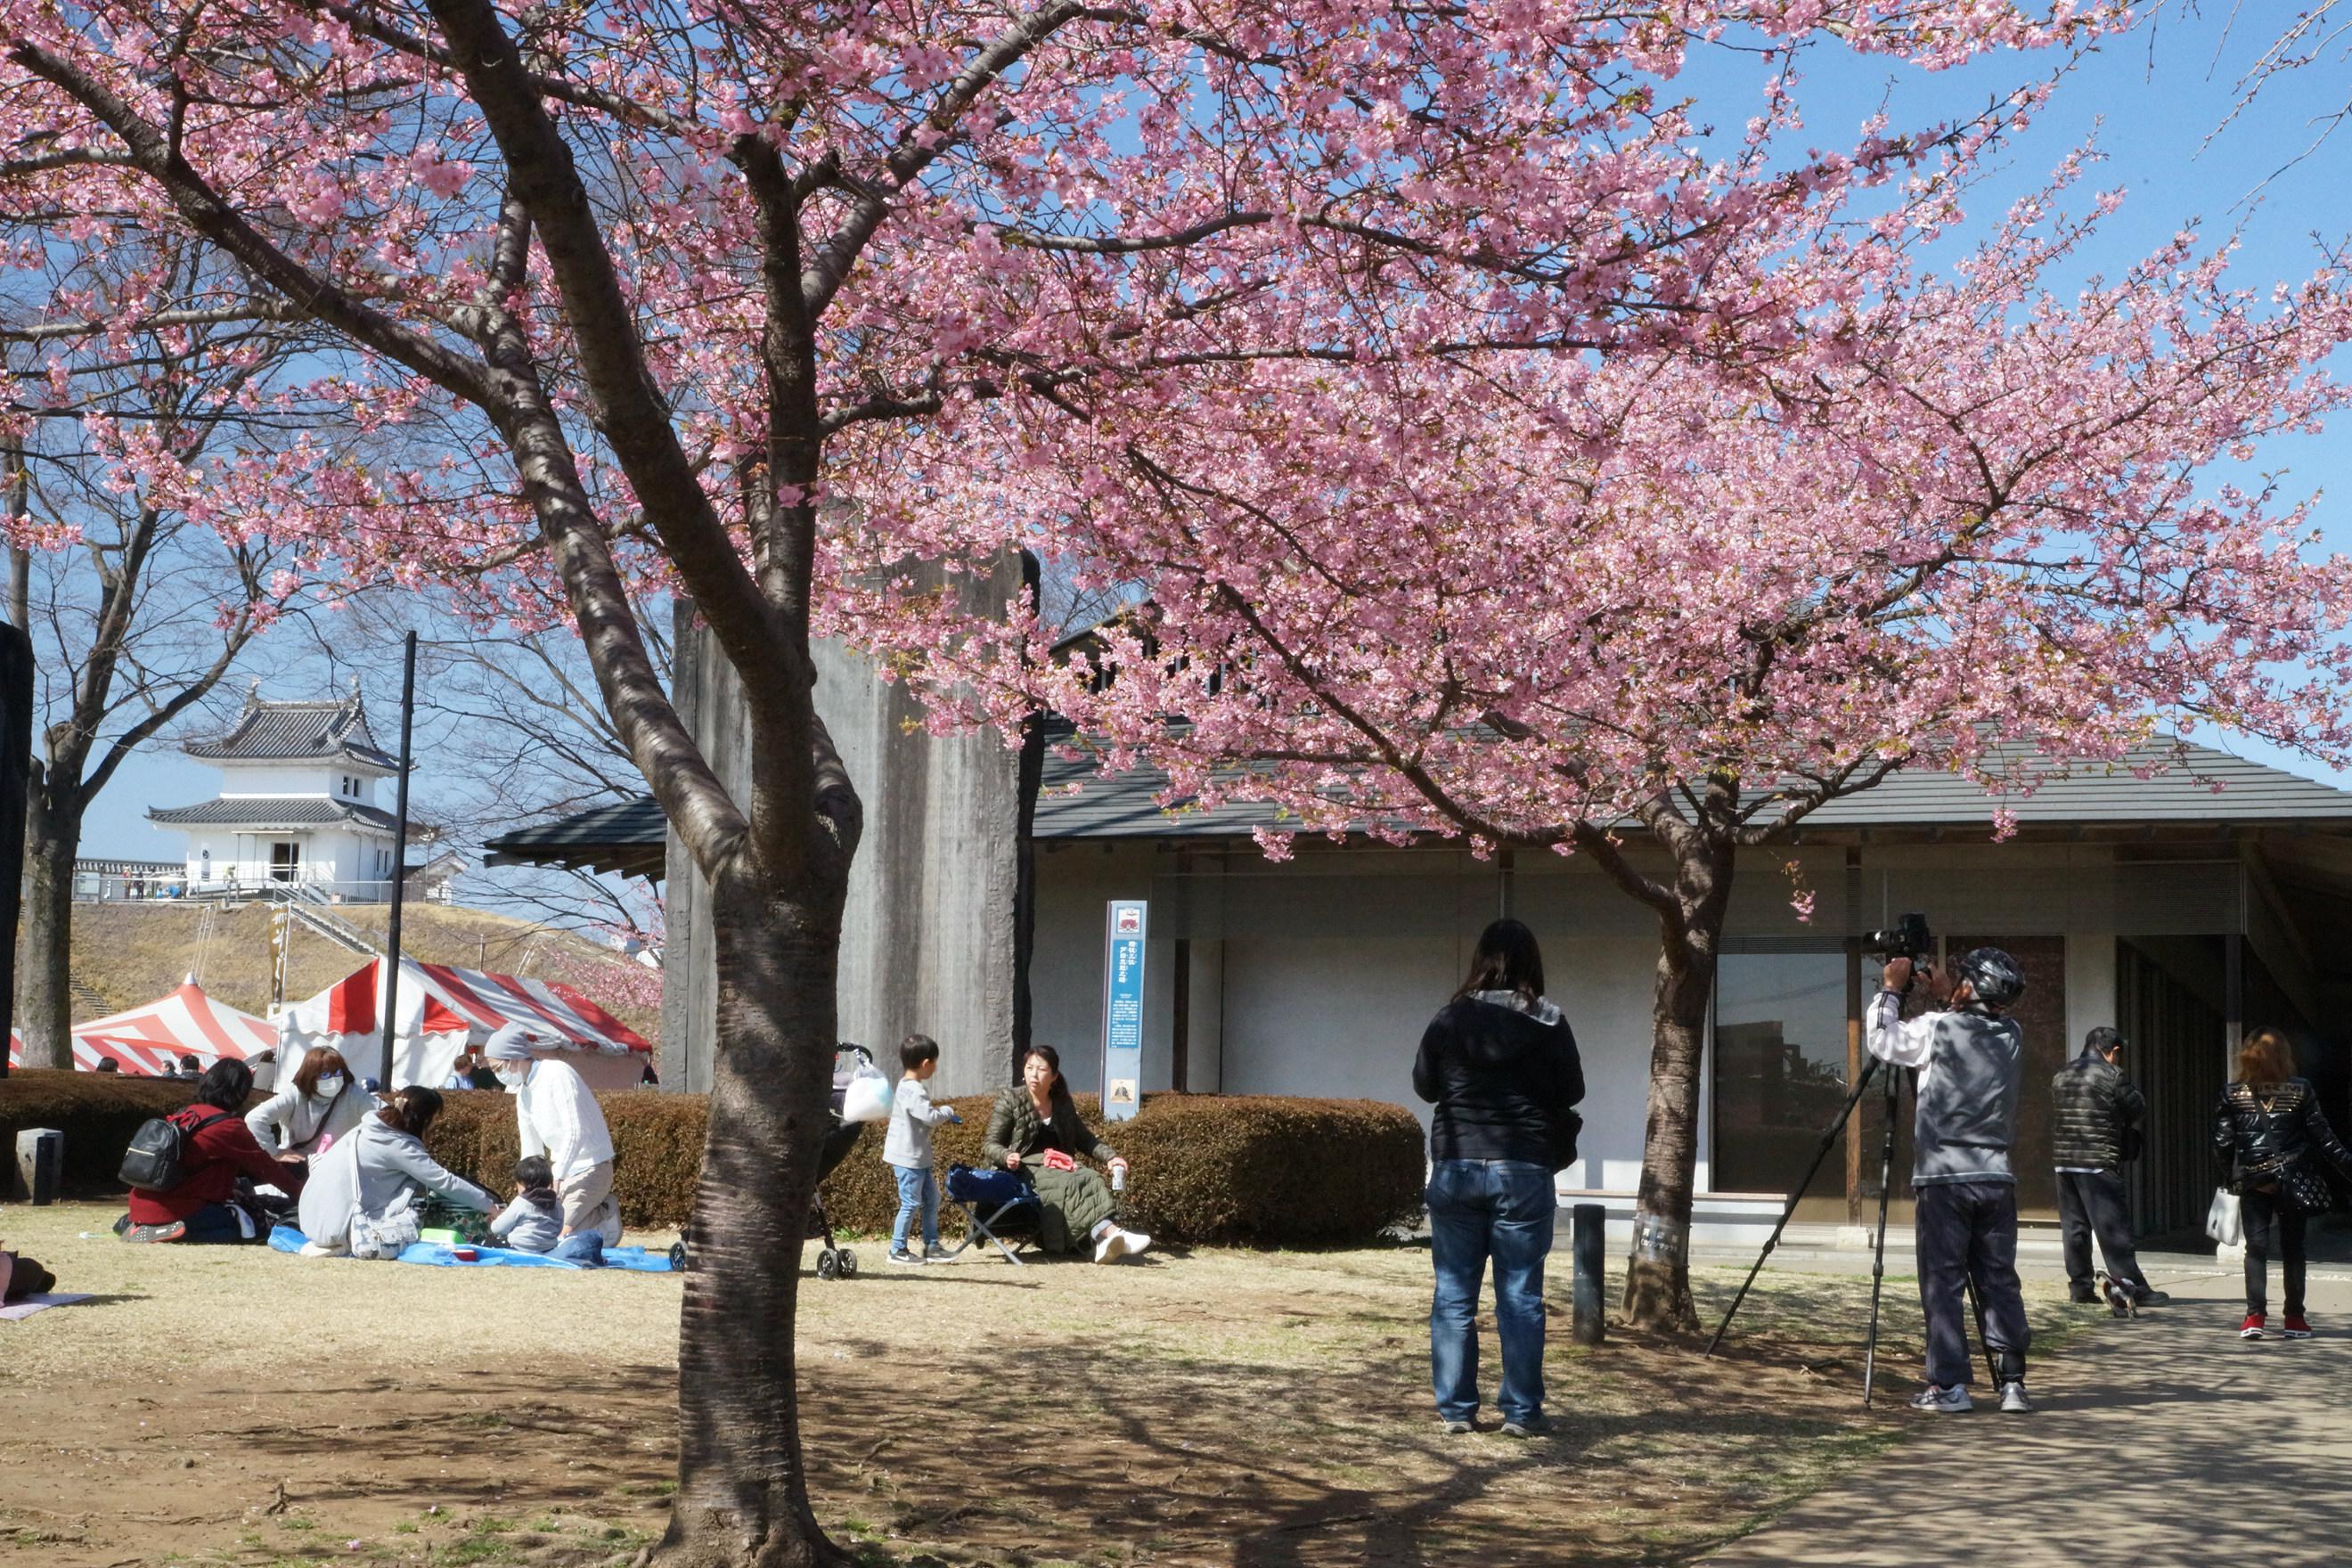 宇都宮城址公園2018年3月17日更新